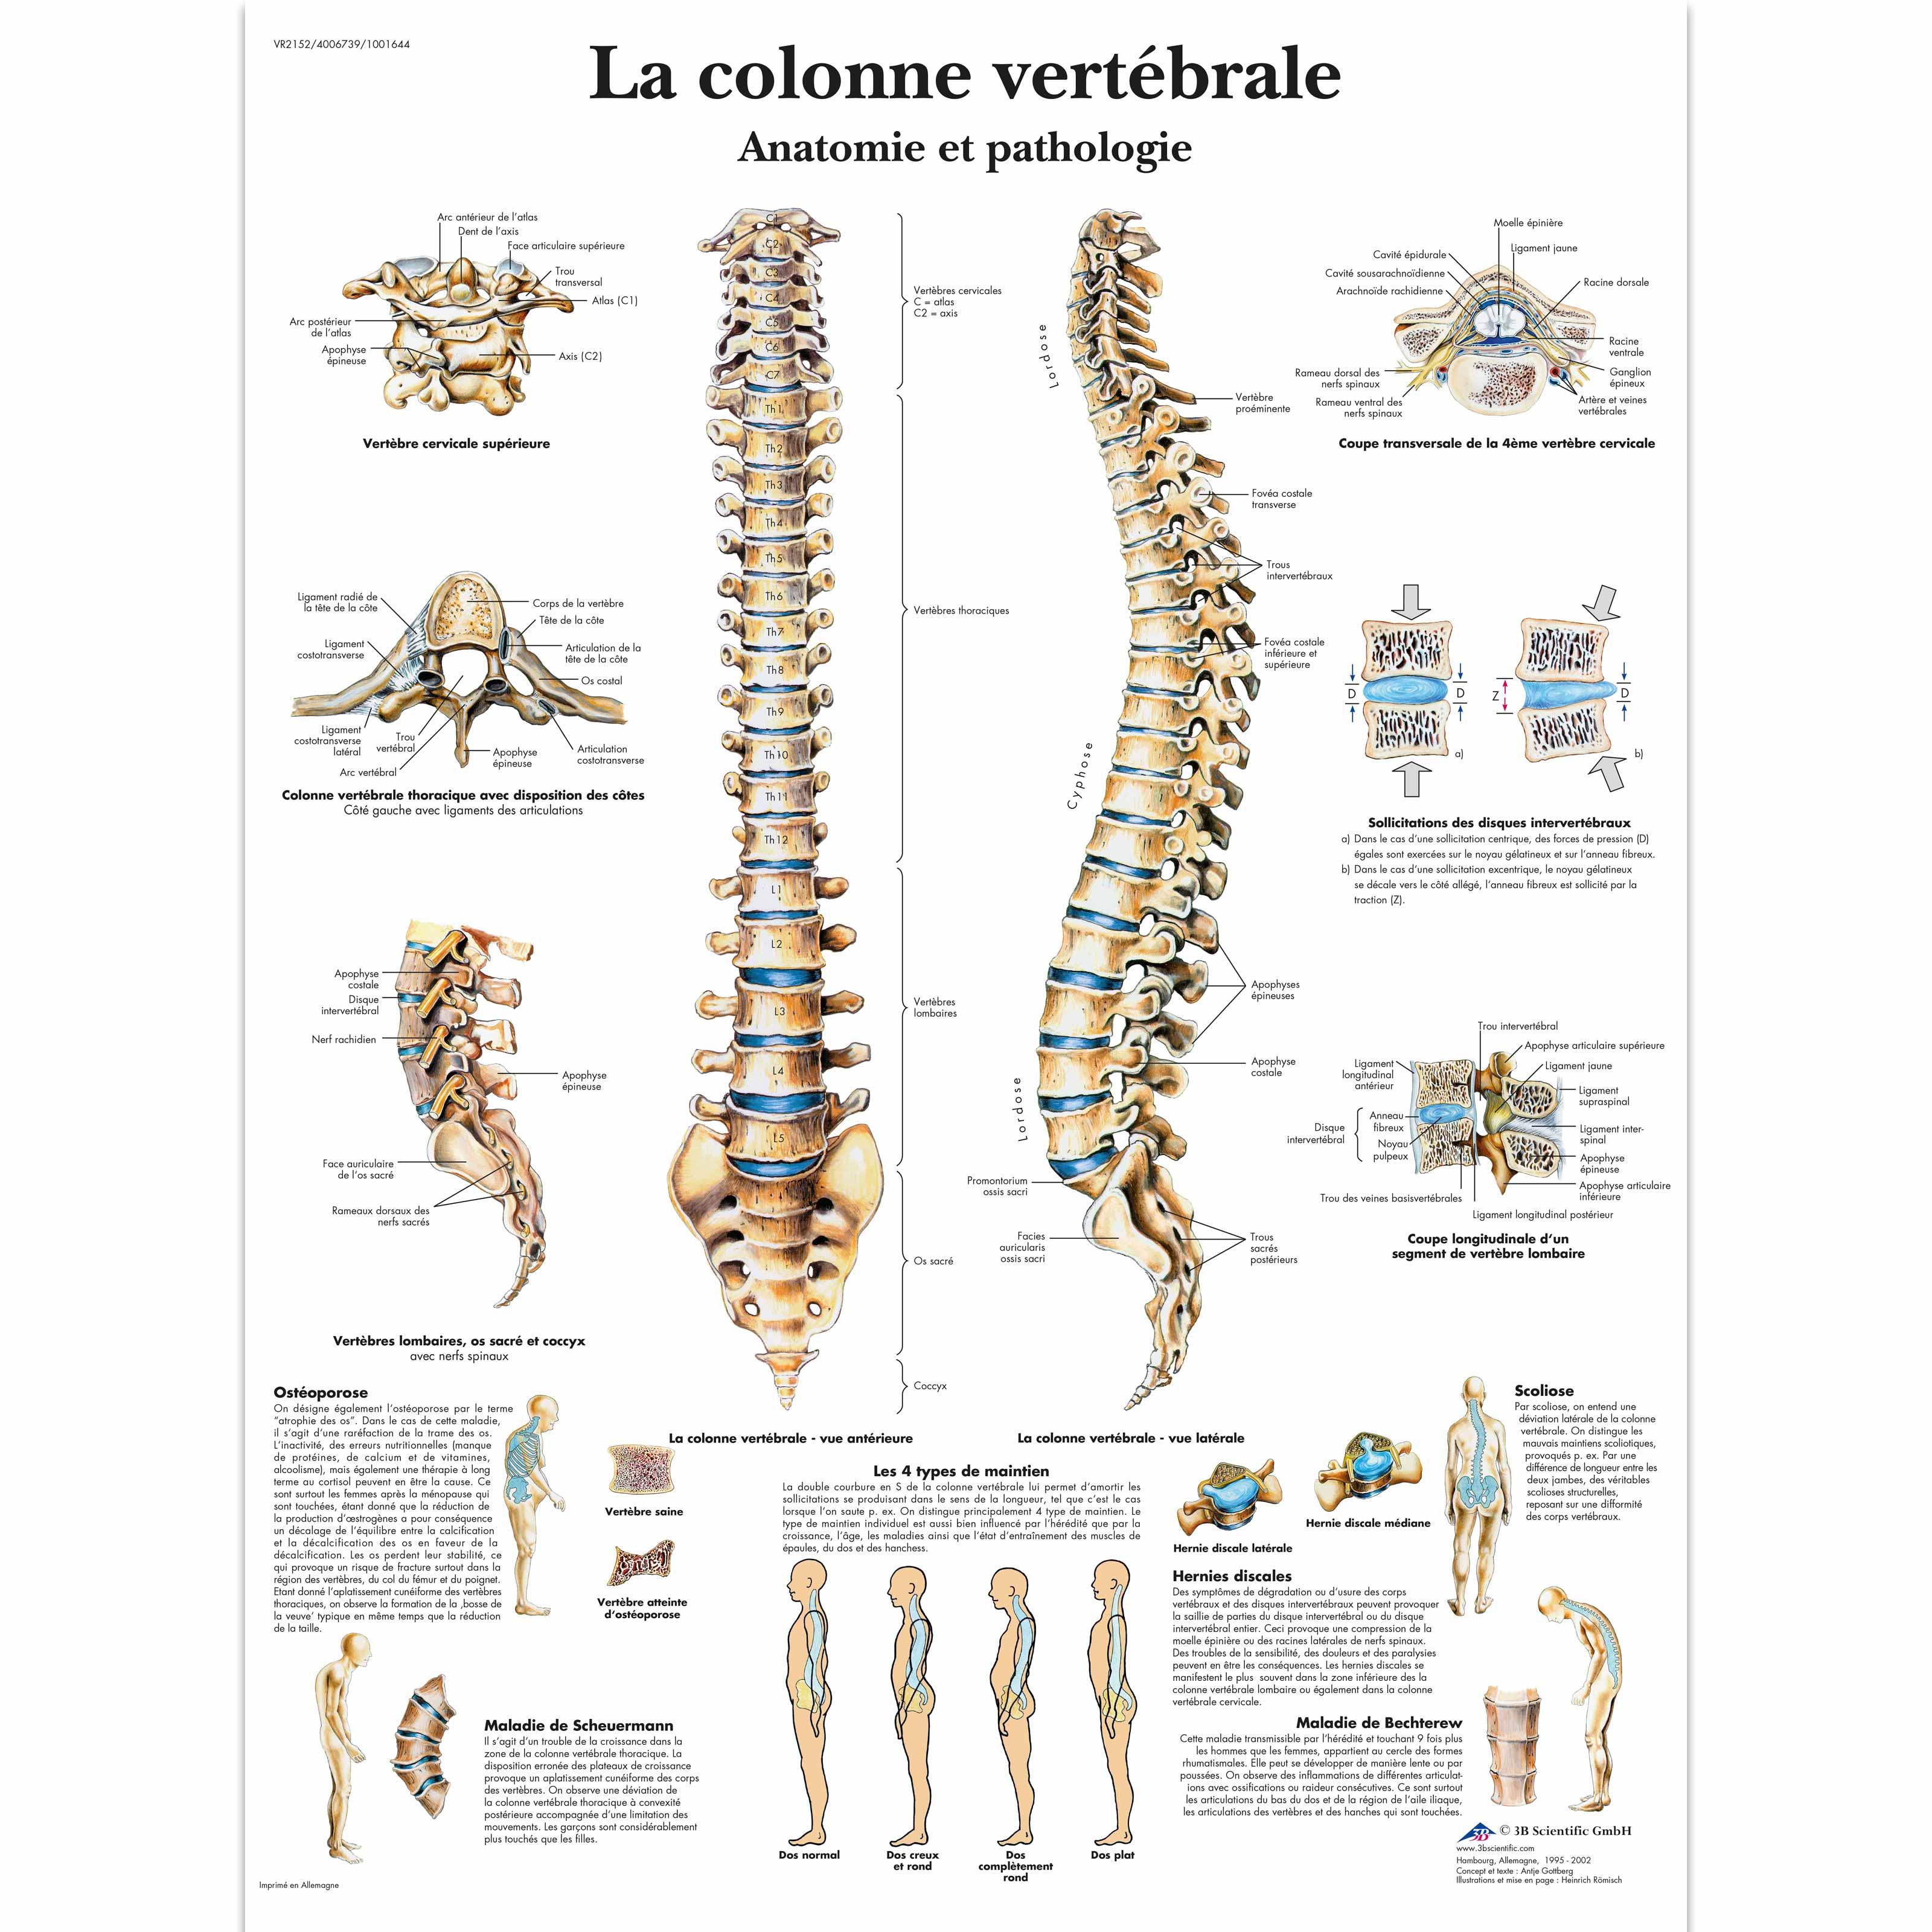 La colonne vertébrale, Anatomie et pathologie - 4006739 - VR2152UU ...